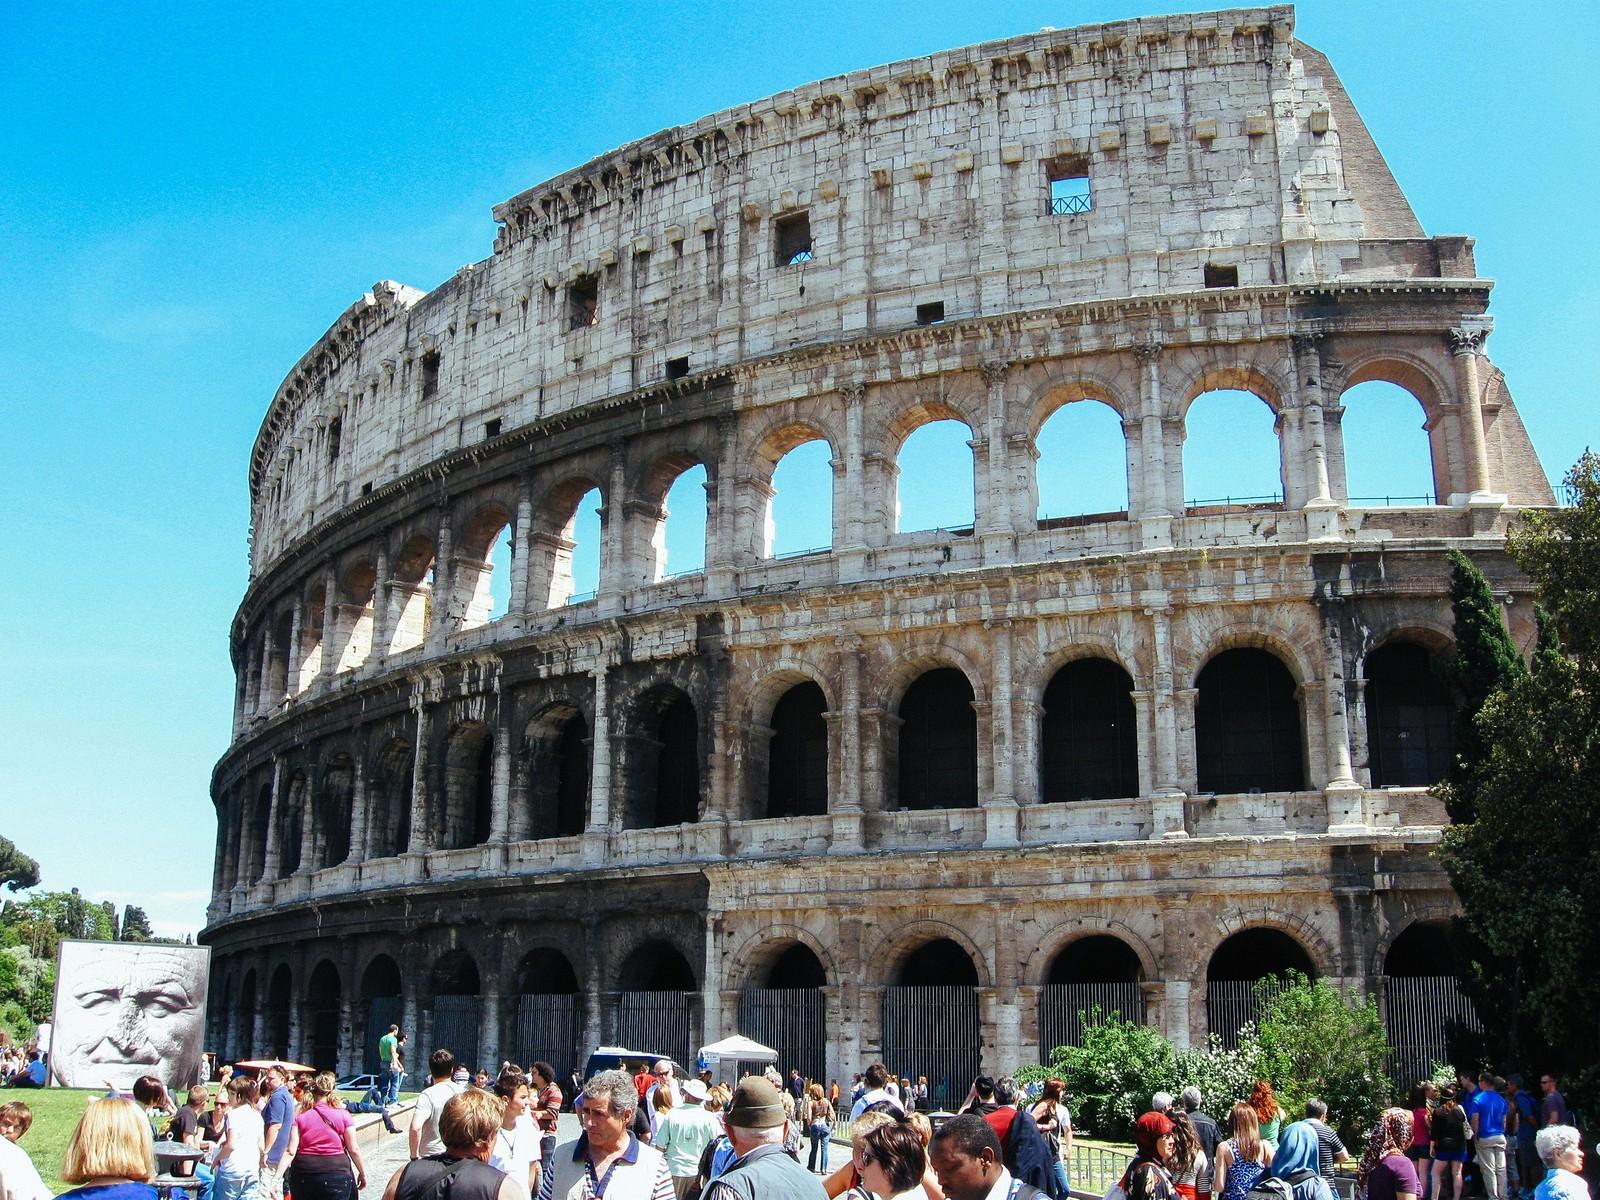 コロッセオの画像 p1_36